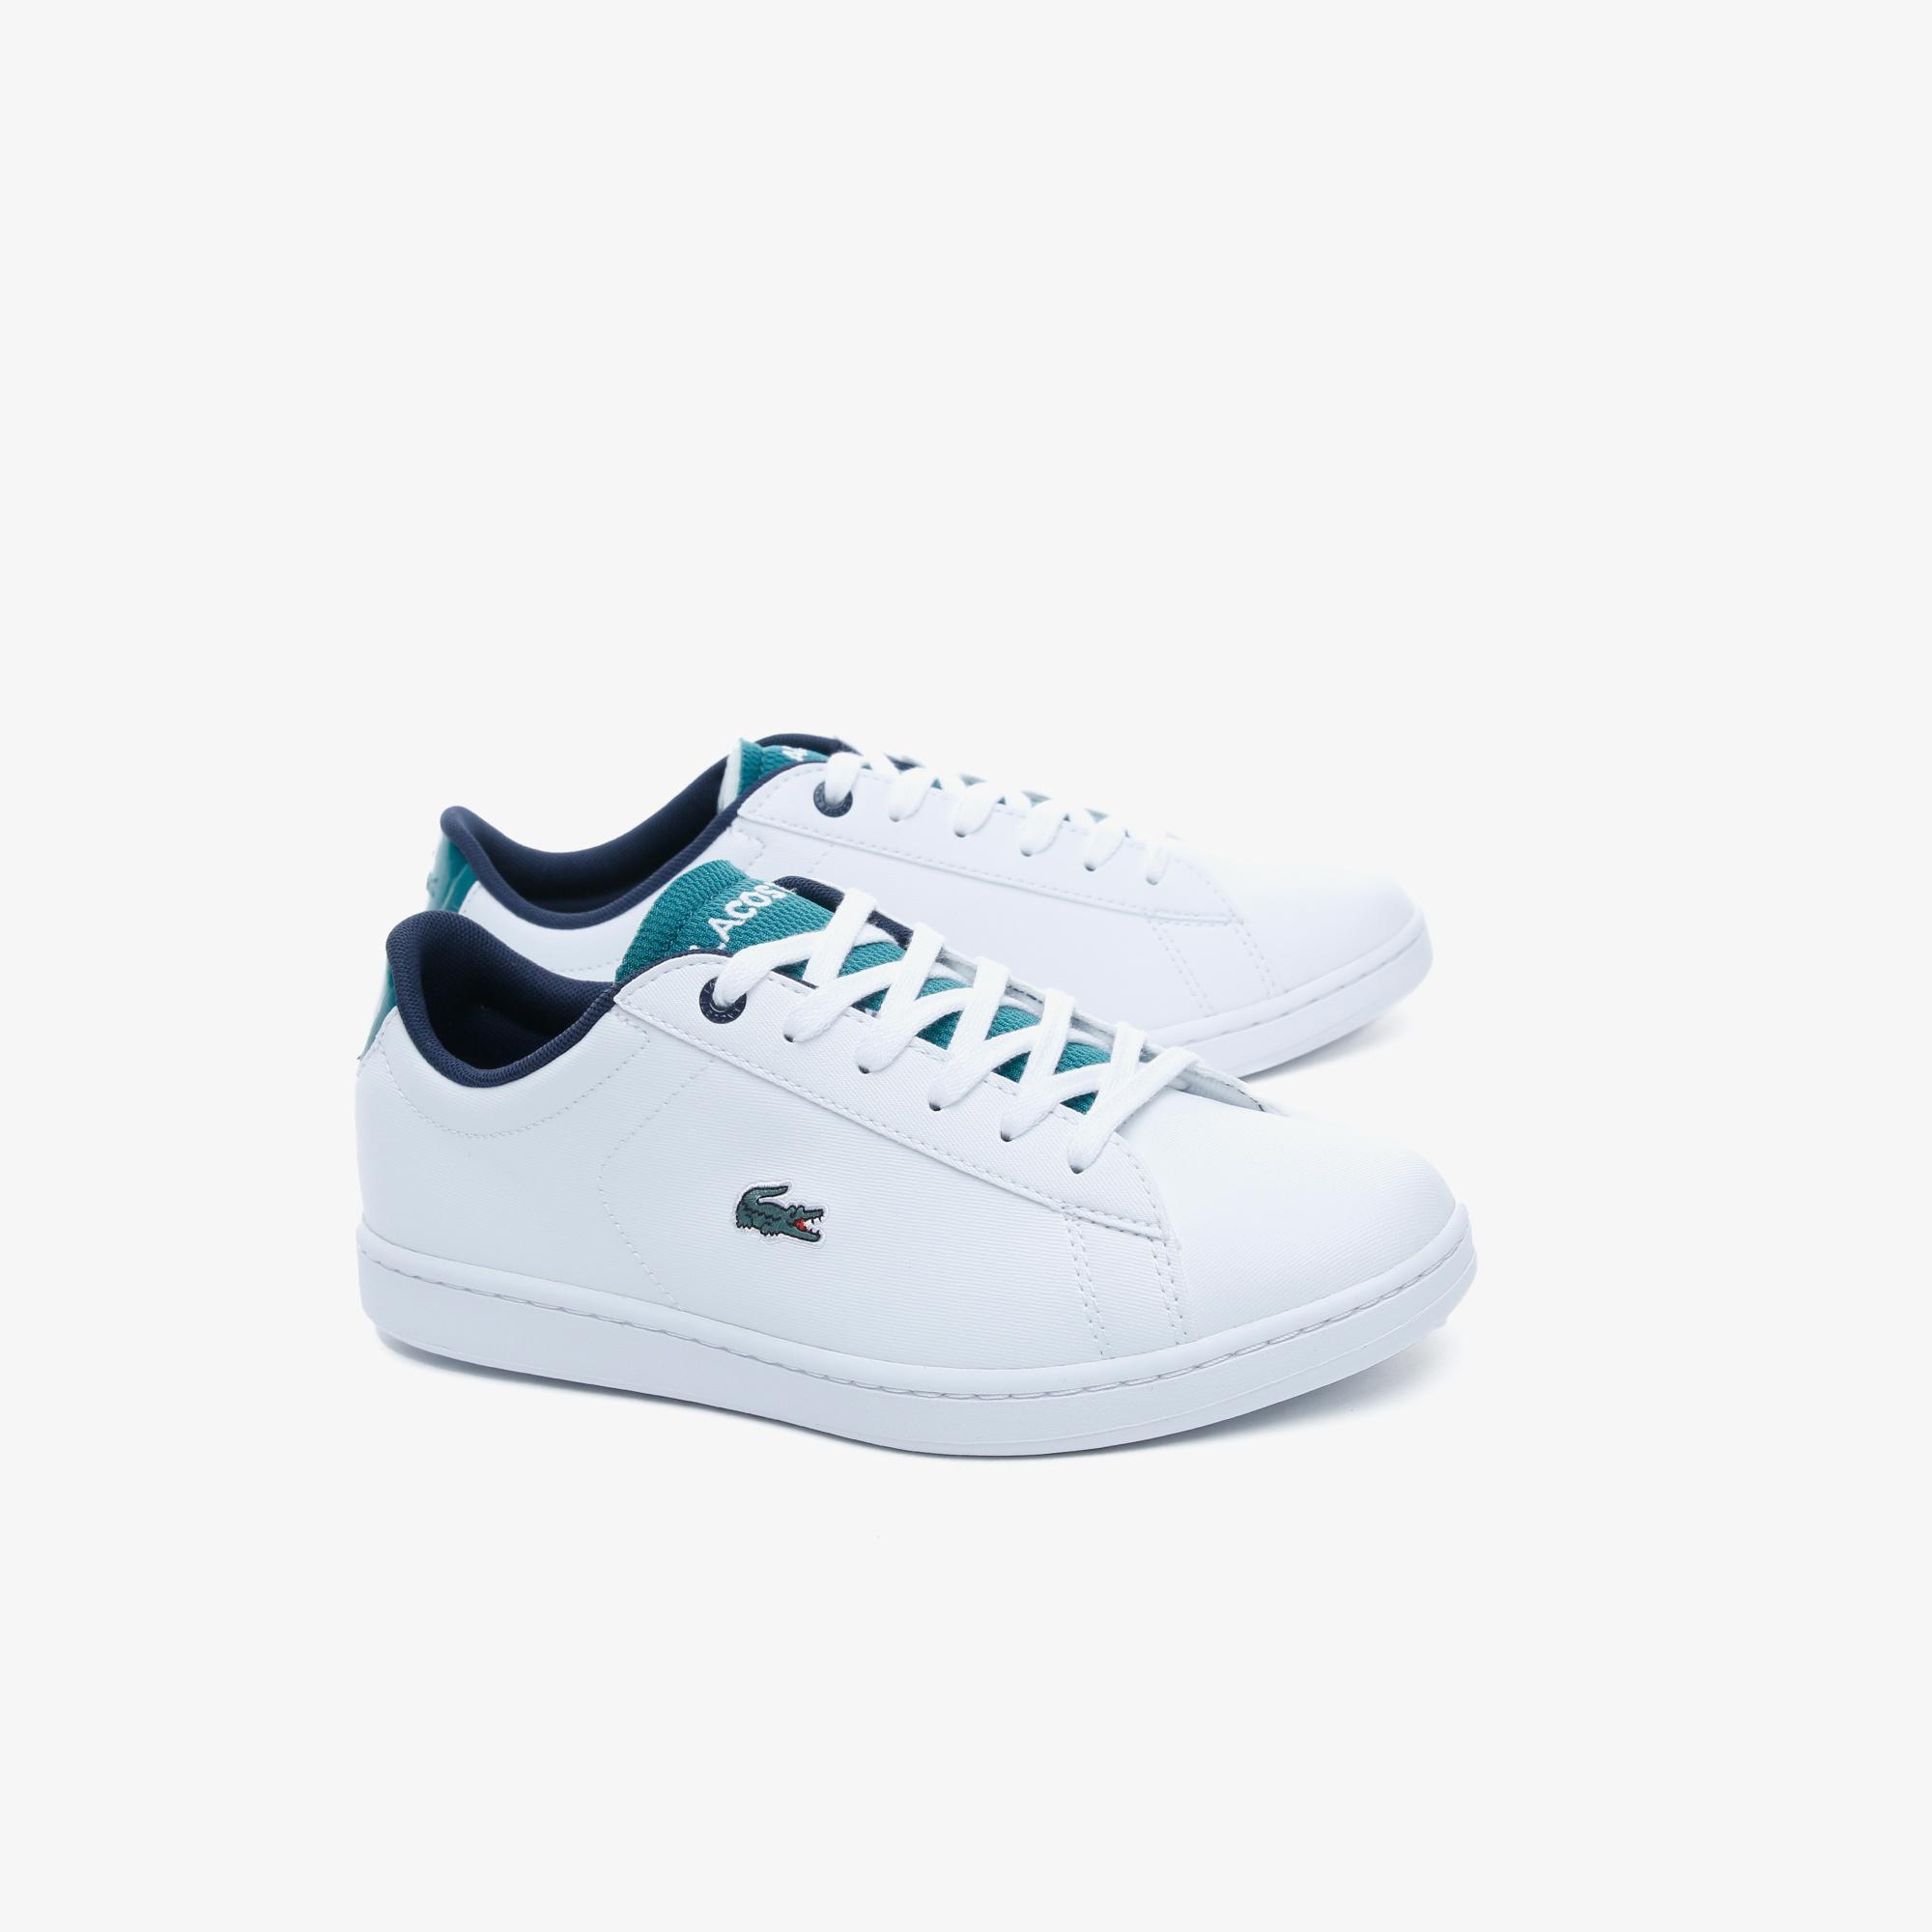 Lacoste Carnaby Evo 120 2 Kadın Beyaz - Yeşil Sneaker